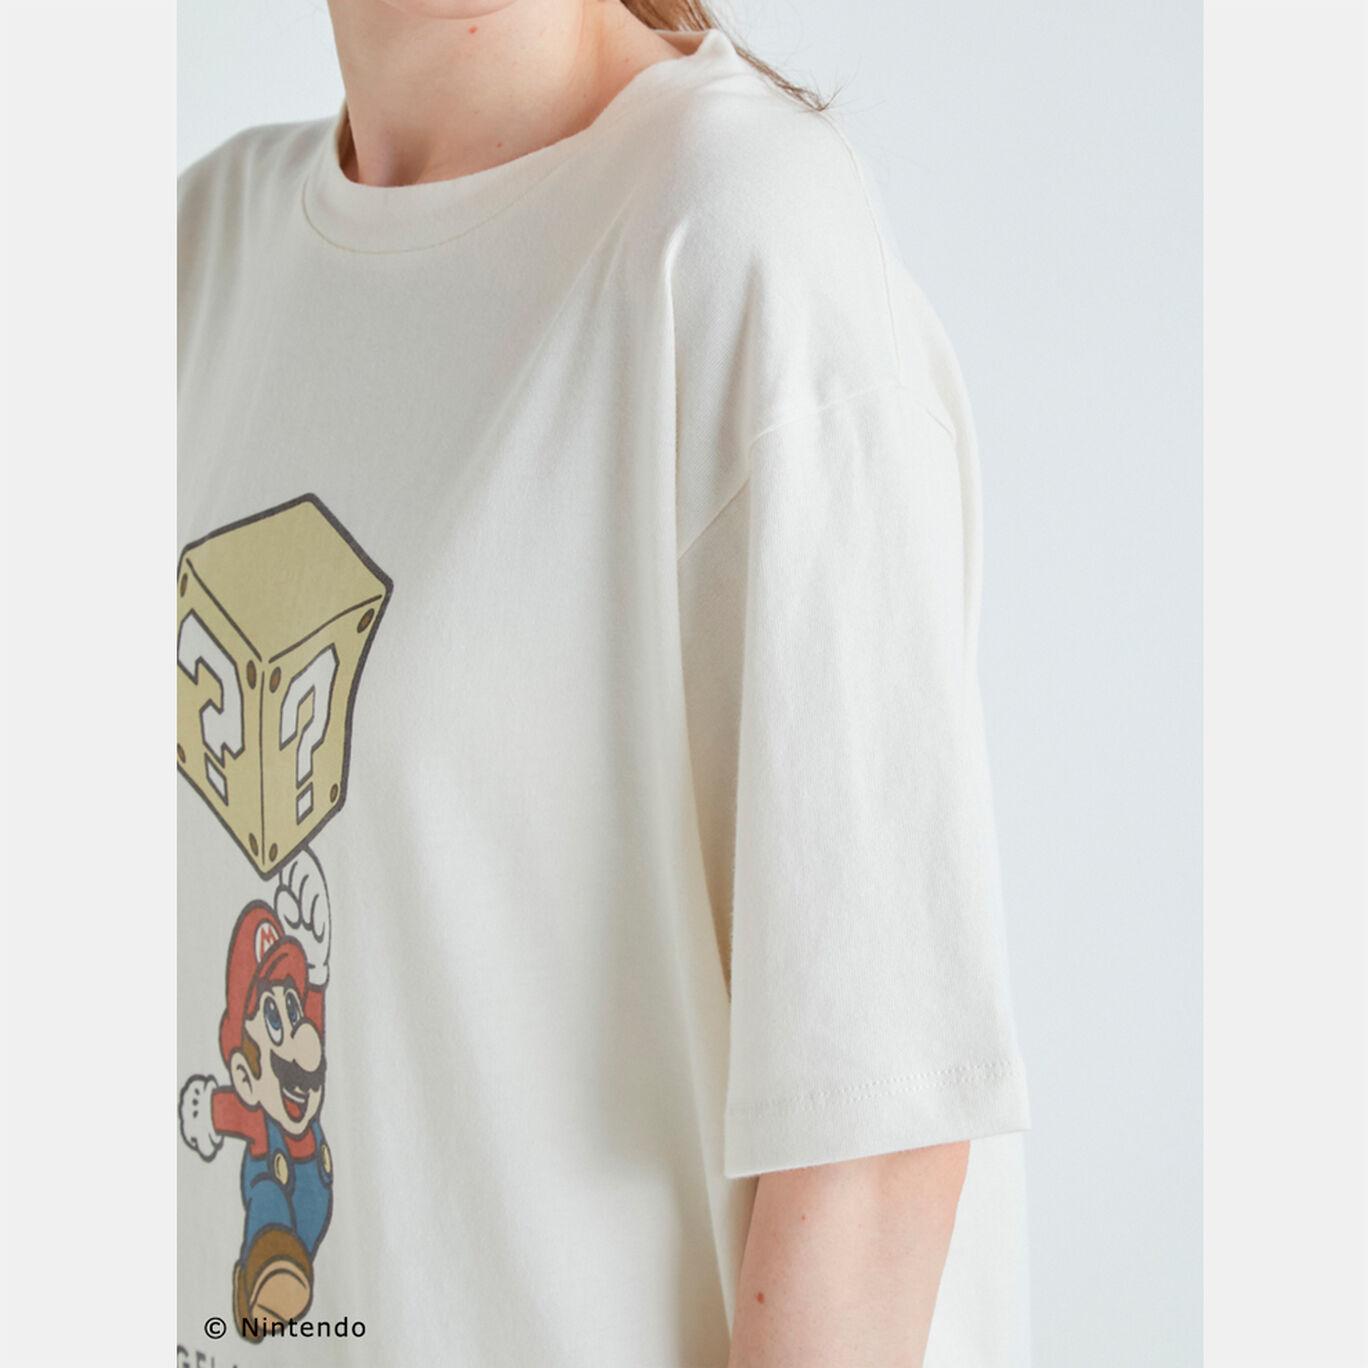 【スーパーマリオ】キャラクターTシャツ OWHT F【SUPER MARIO meets GELATO PIQUE】